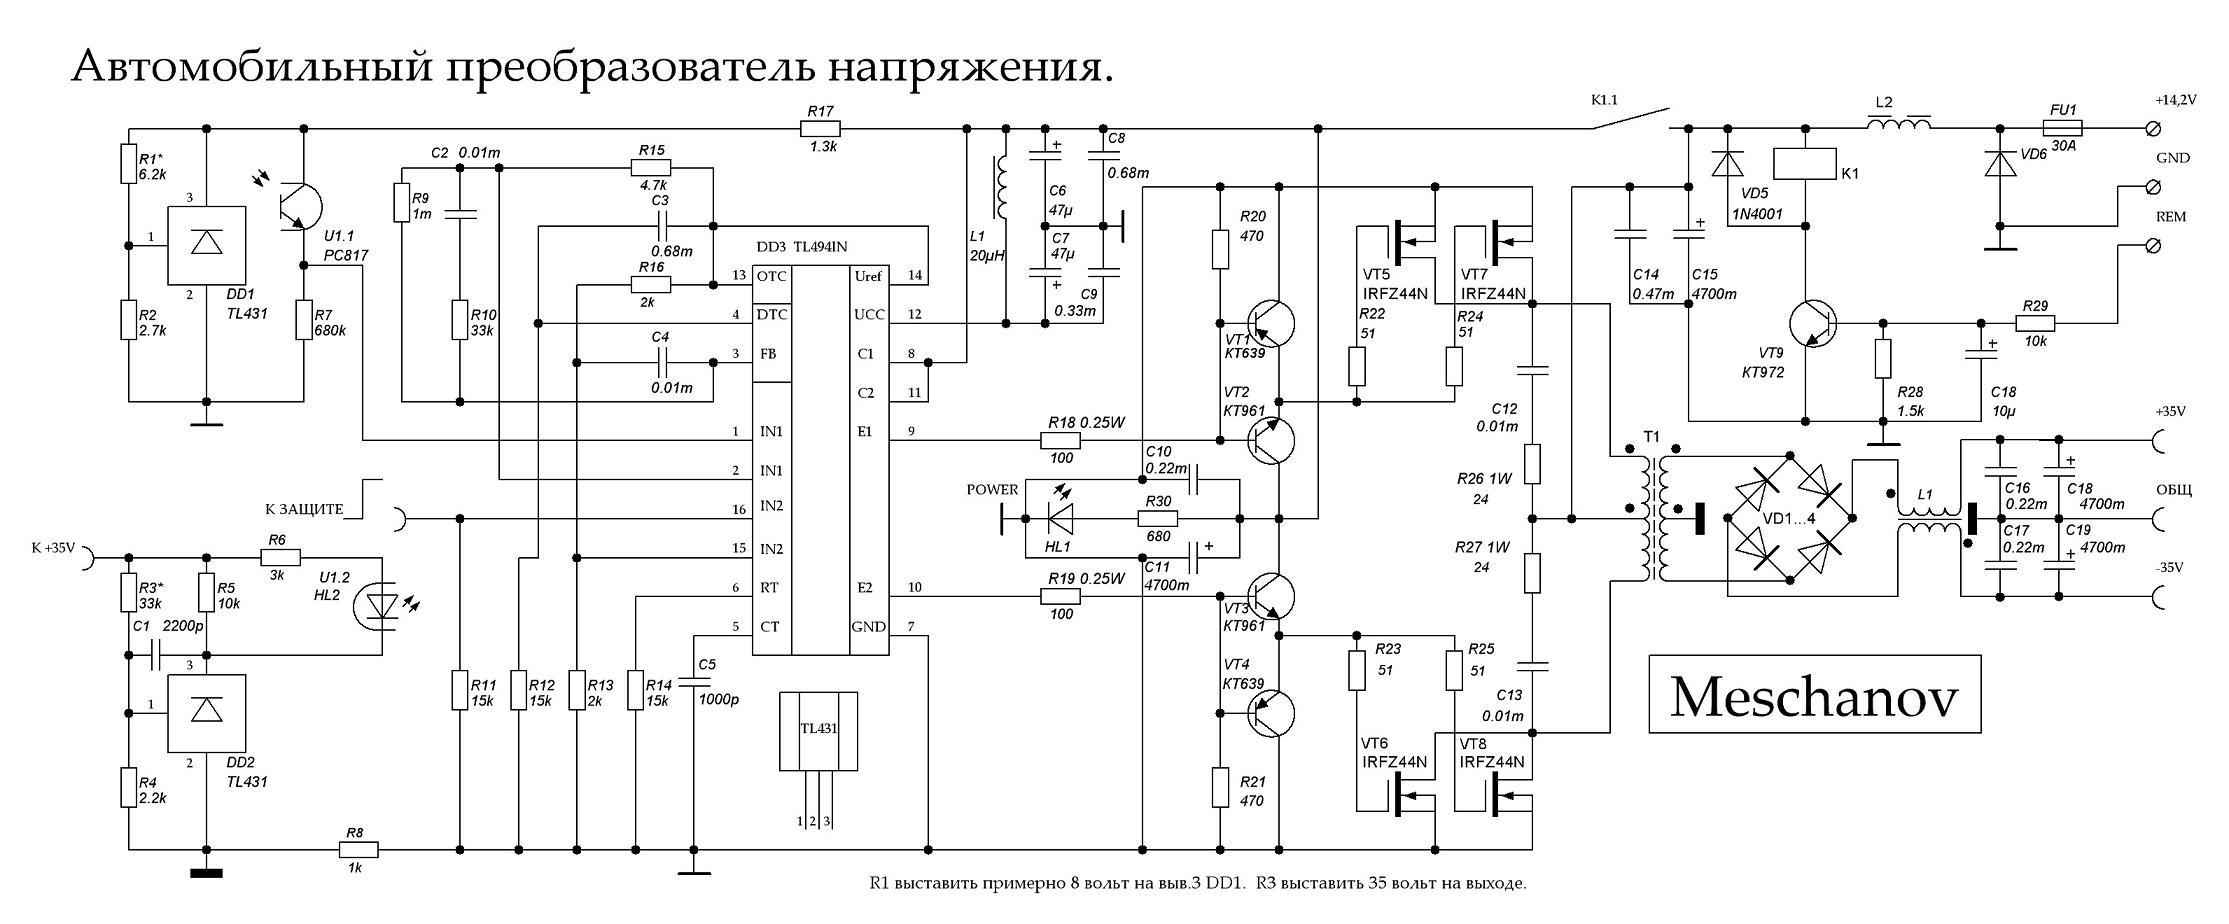 Схема преобразователя люминесцентных ламп